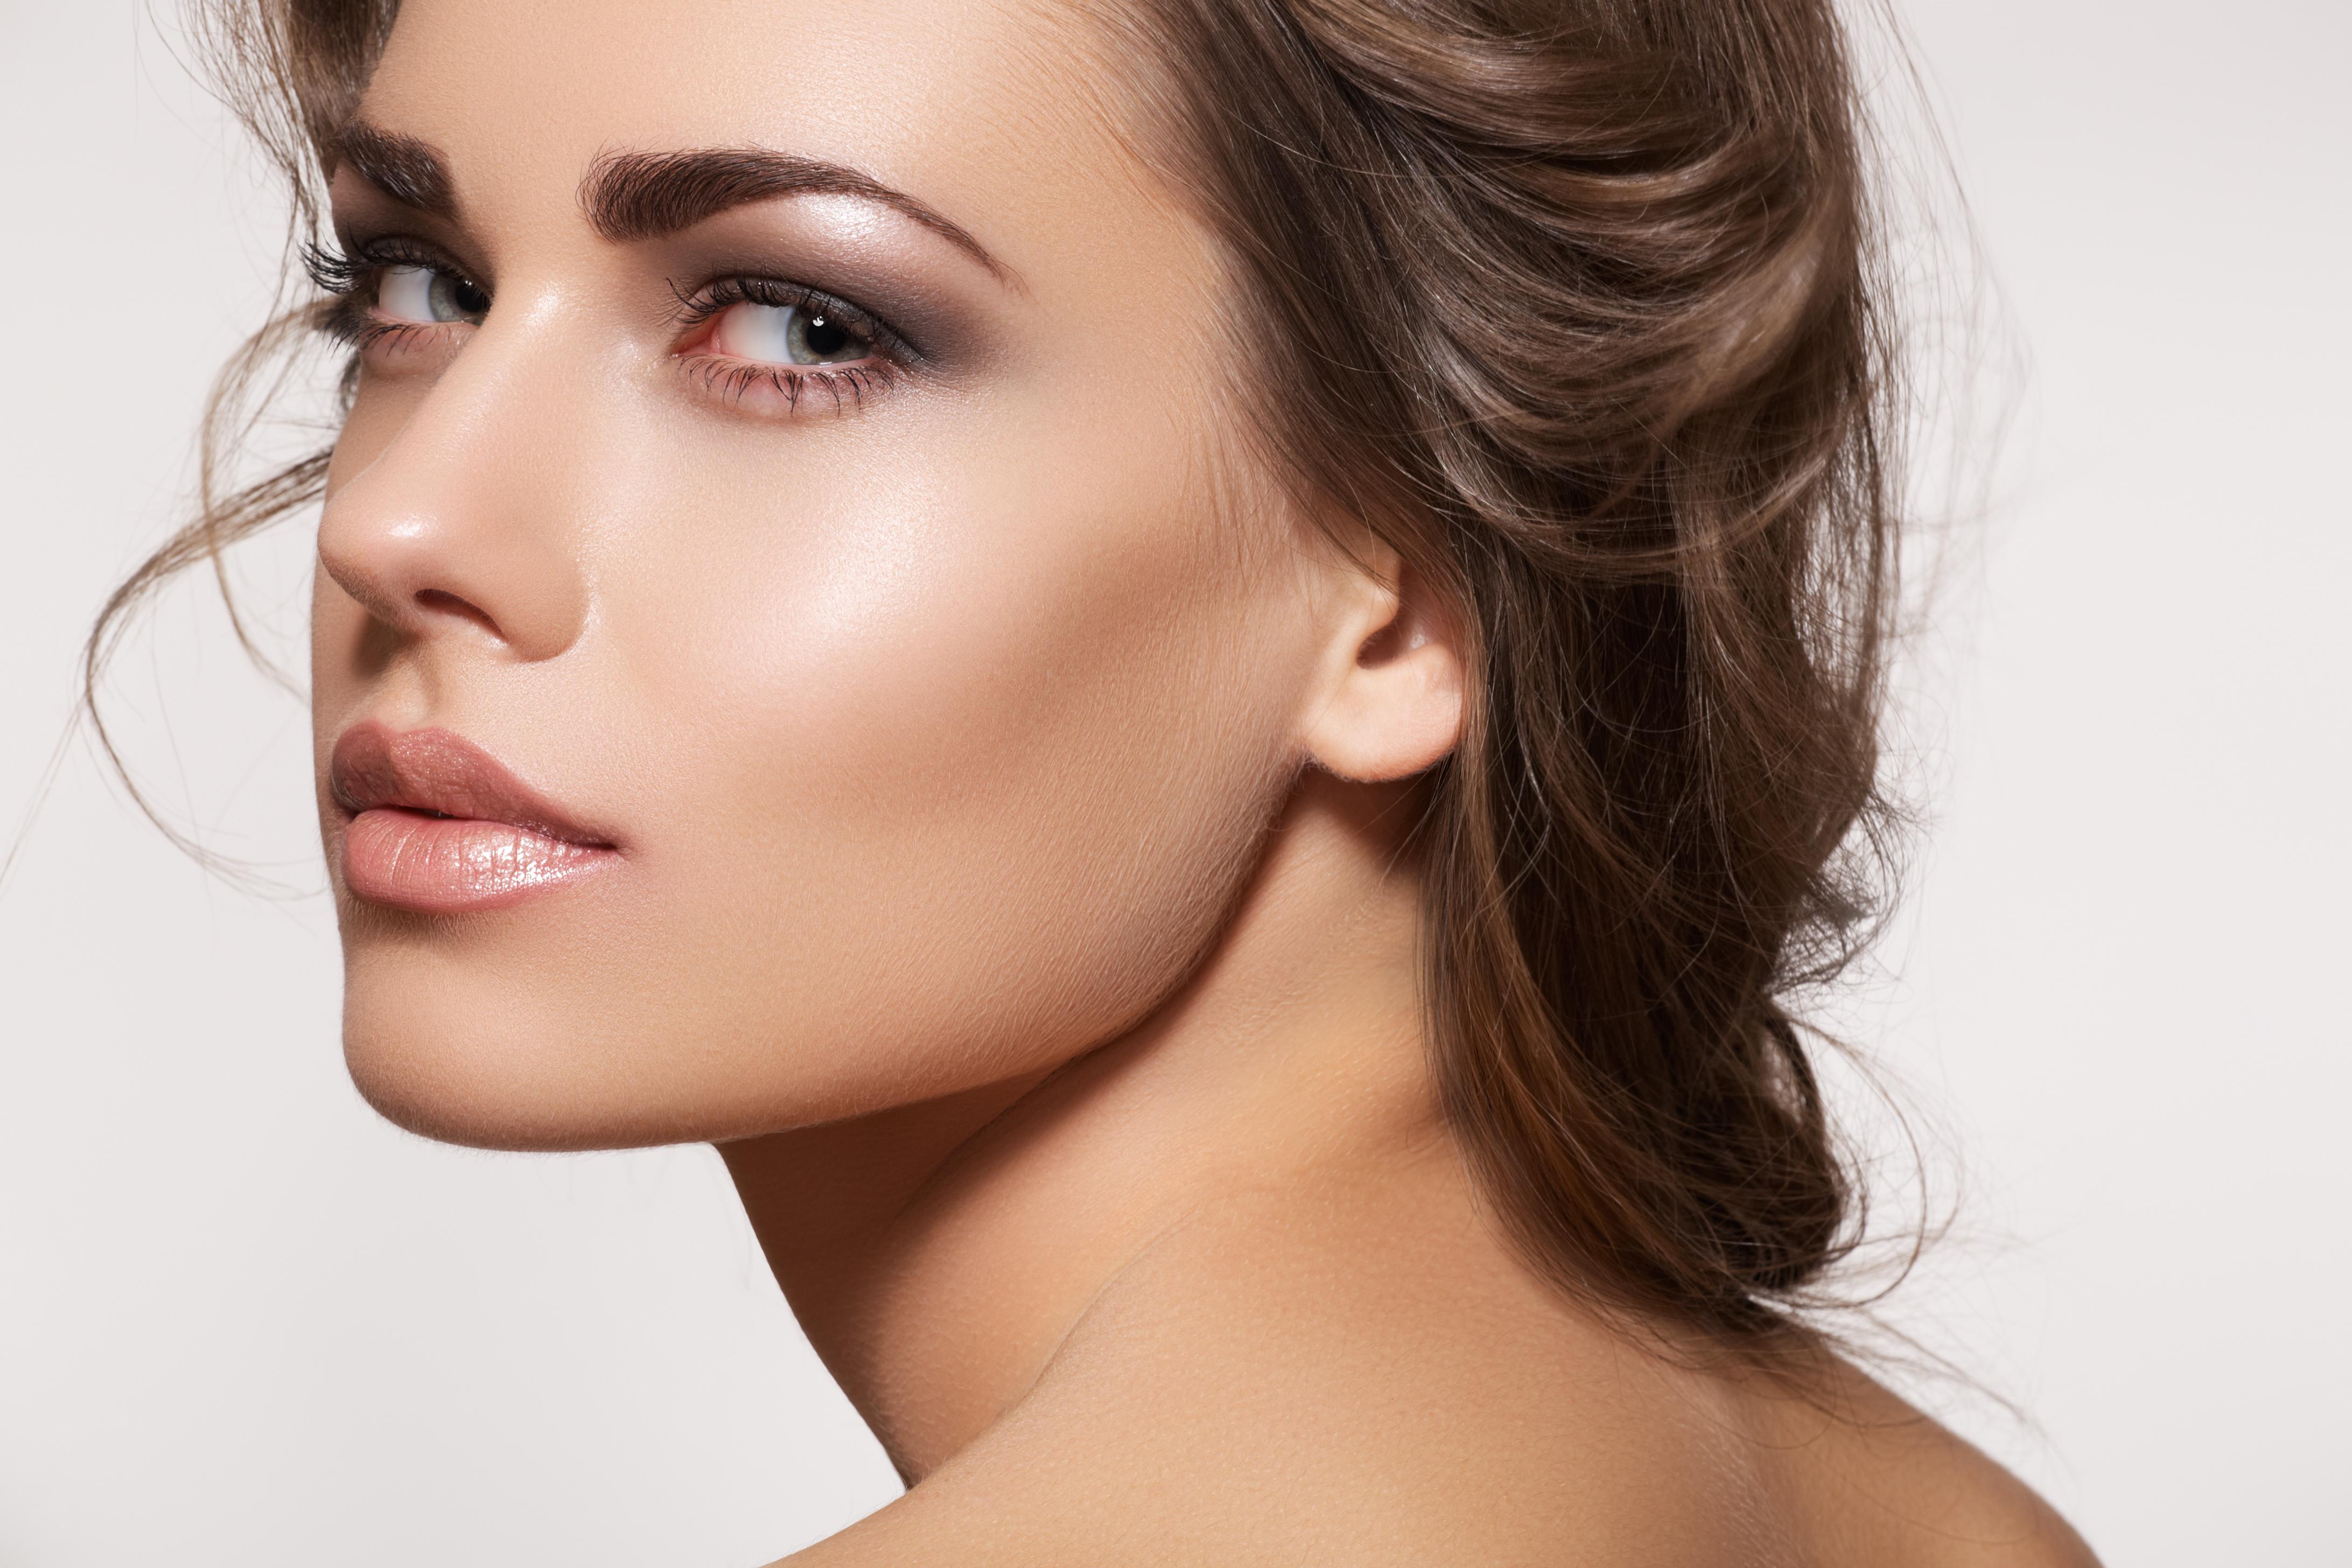 curso maquillaje nude o efecto cara lavada